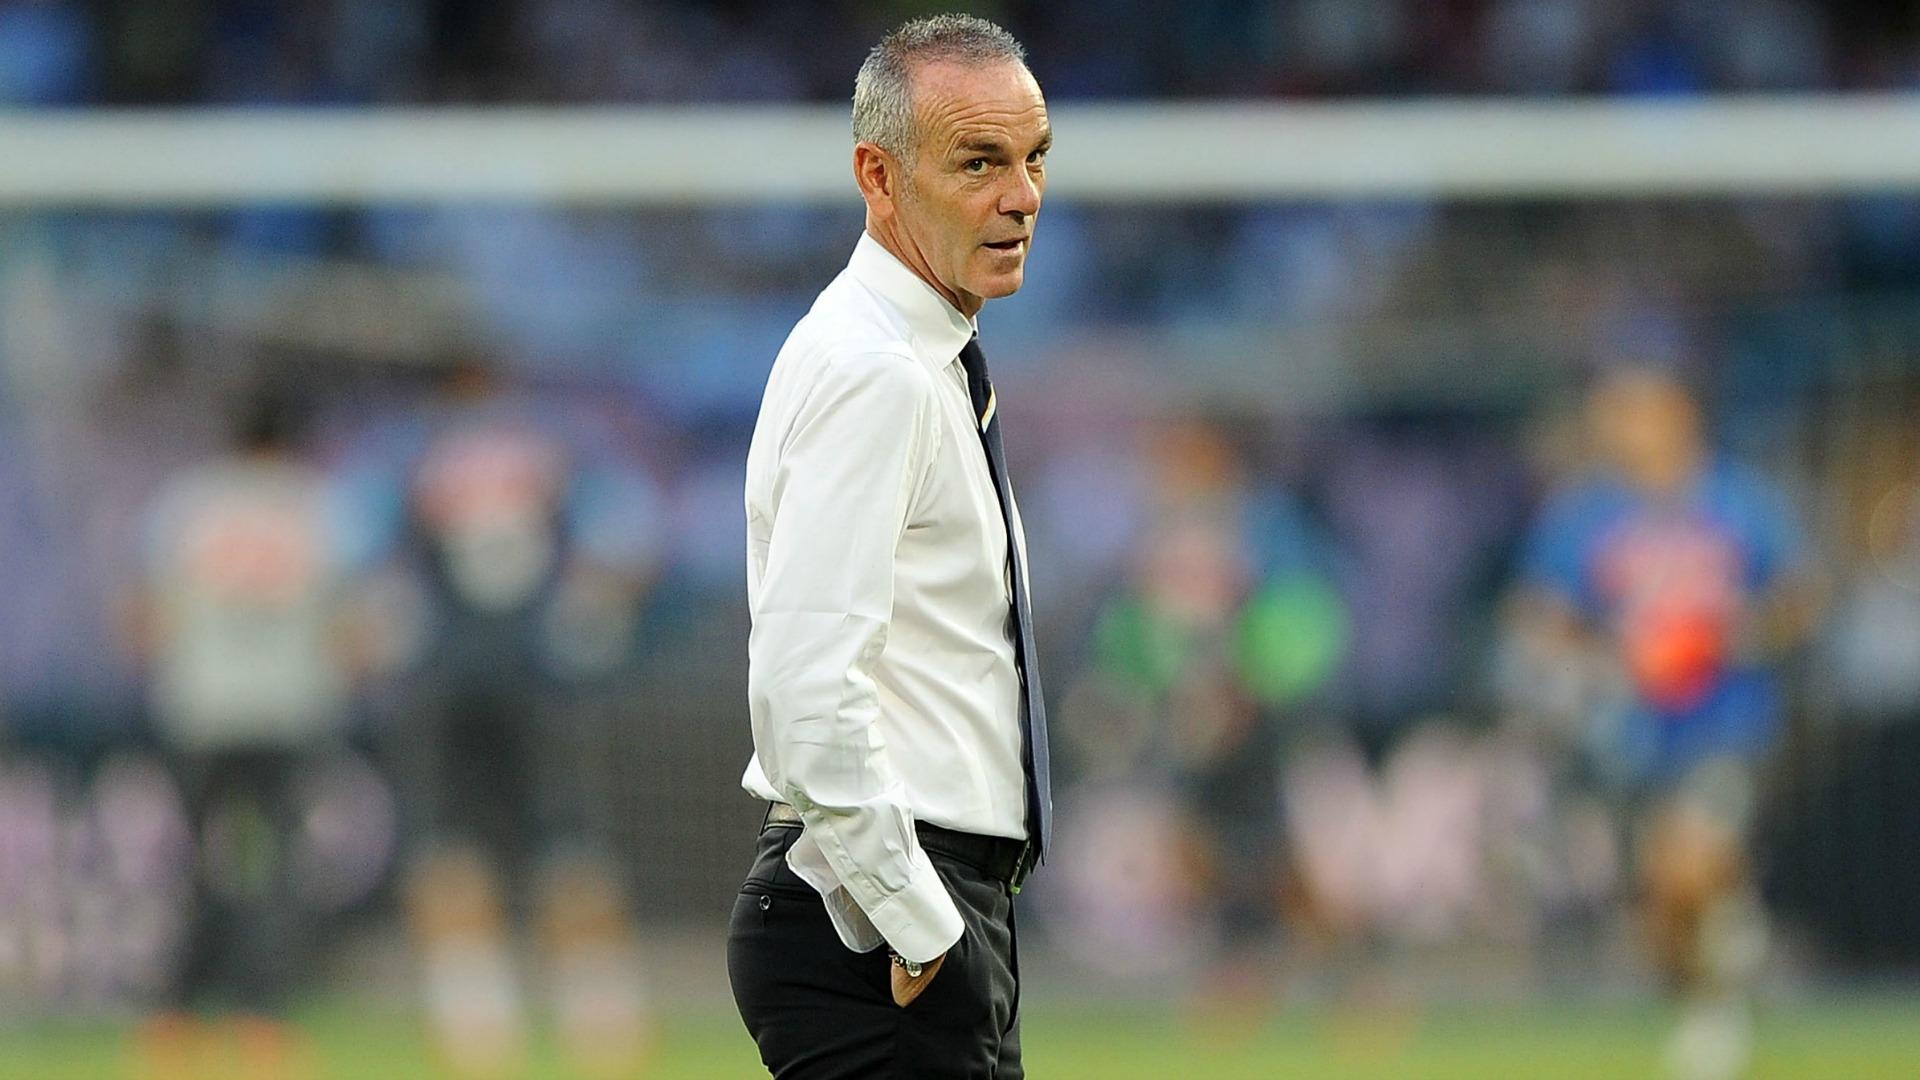 Calciomercato Inter, la spunta Pioli: rescissione con la Lazio e poi l'annuncio